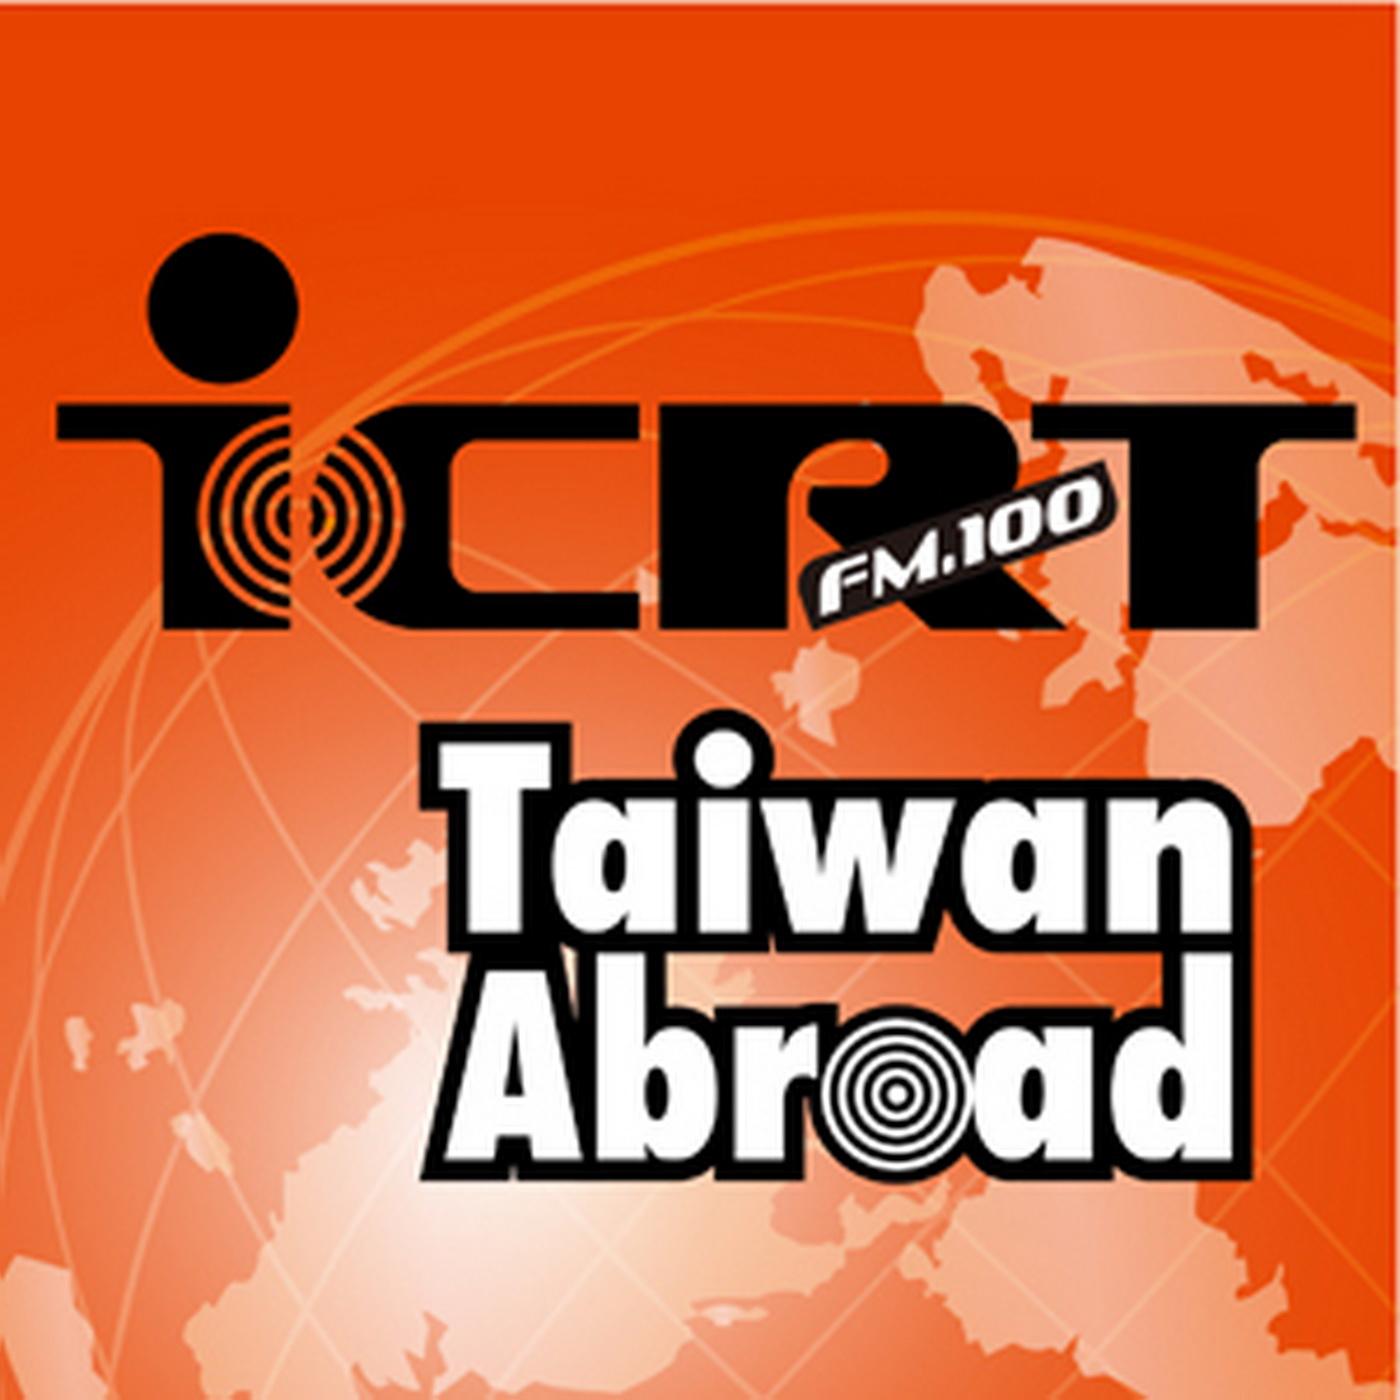 Taiwan Abroad